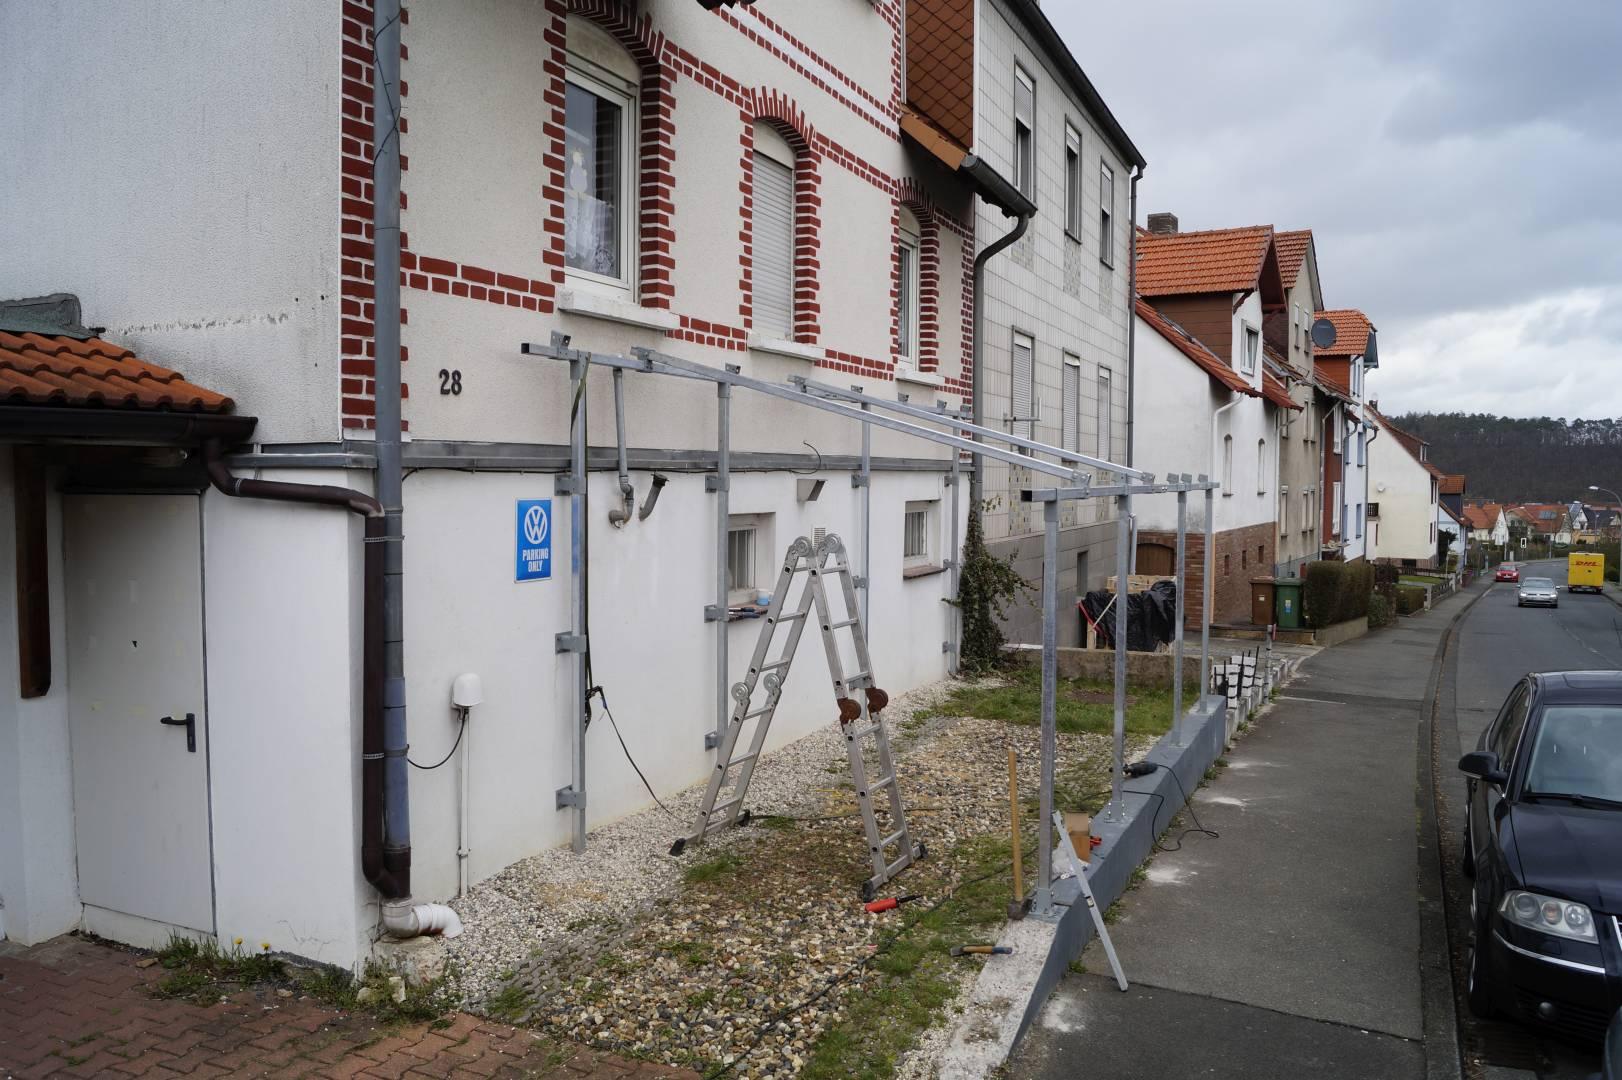 Carport_Aufbau_B05.jpg